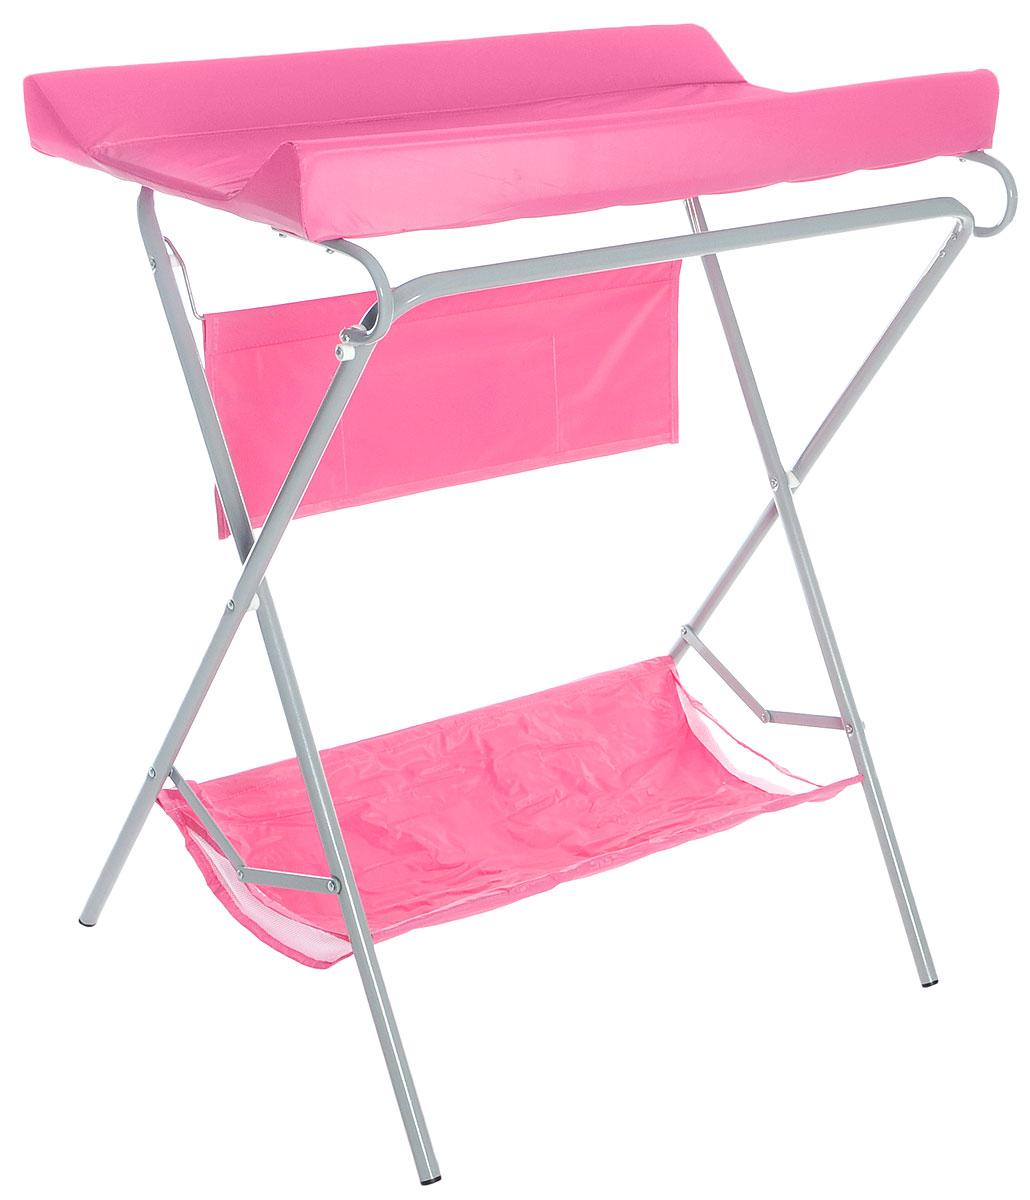 Фея Стол для пеленания цвет розовыйFN-ST3Пеленальный столик Фея - удобное приспособление для пеленания новорожденных и проведения гигиенических процедур. Текстильная корзинка внизу и карманчики сбоку позволяют разместить все необходимые для ухода за малышом аксессуары, включая пеленки или подгузники. Откидная доска освобождает место для установки ванночки (в комплект не входит). Возможность складывать столик когда тот не используется - значительно экономит место в комнате.Это идеальное приобретение для тех, кто не хочет или не может в силу маленькой площади детской заставлять ее лишней мебелью.